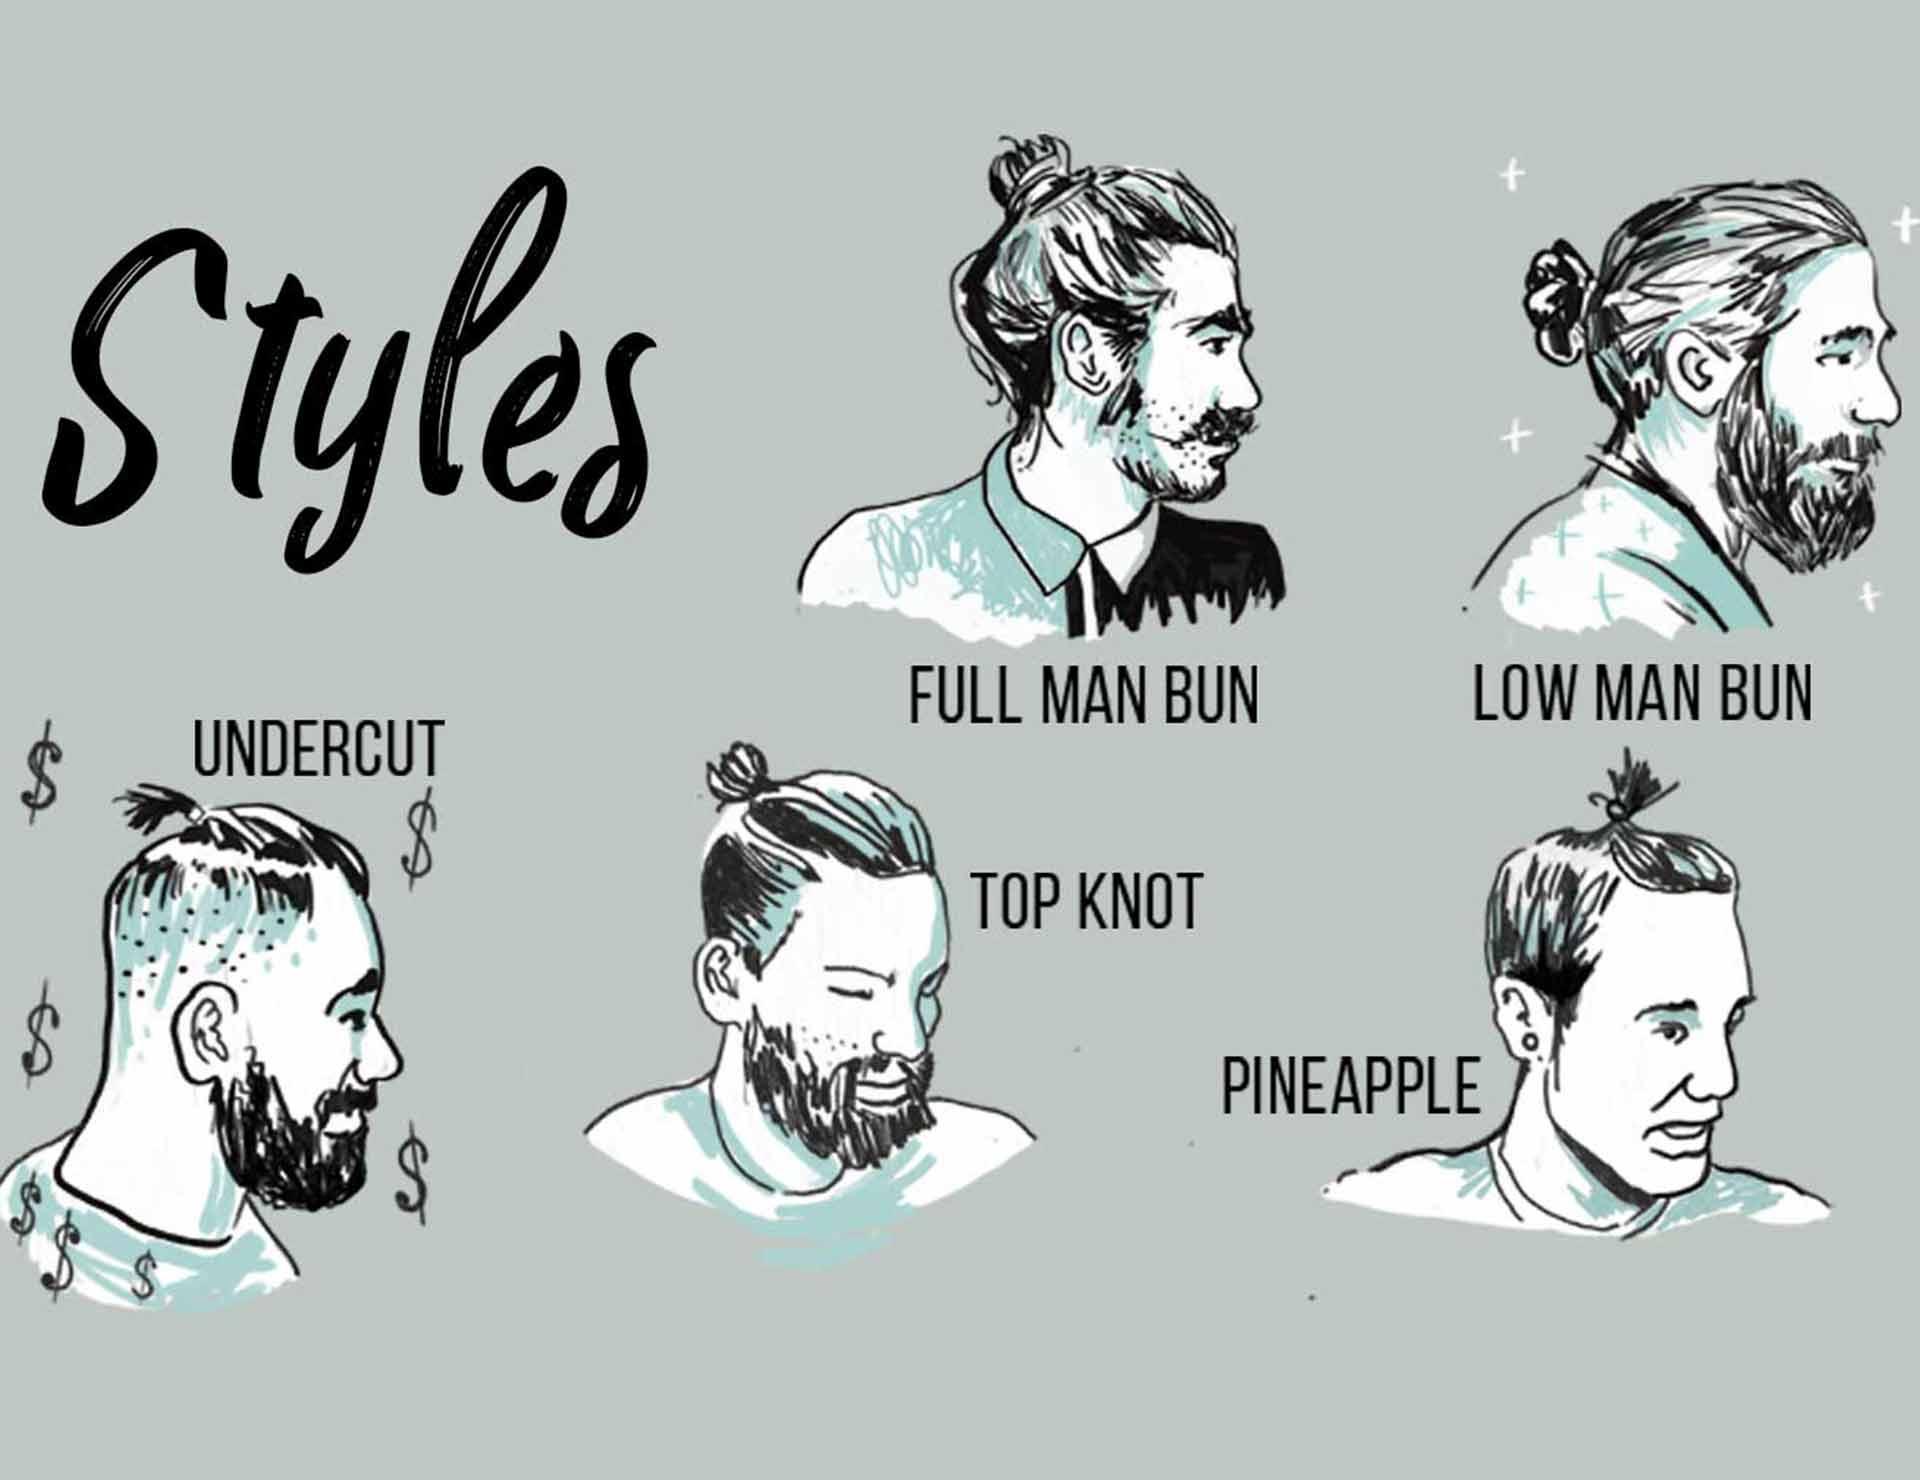 Maxs Man Bun Ties styles illustration